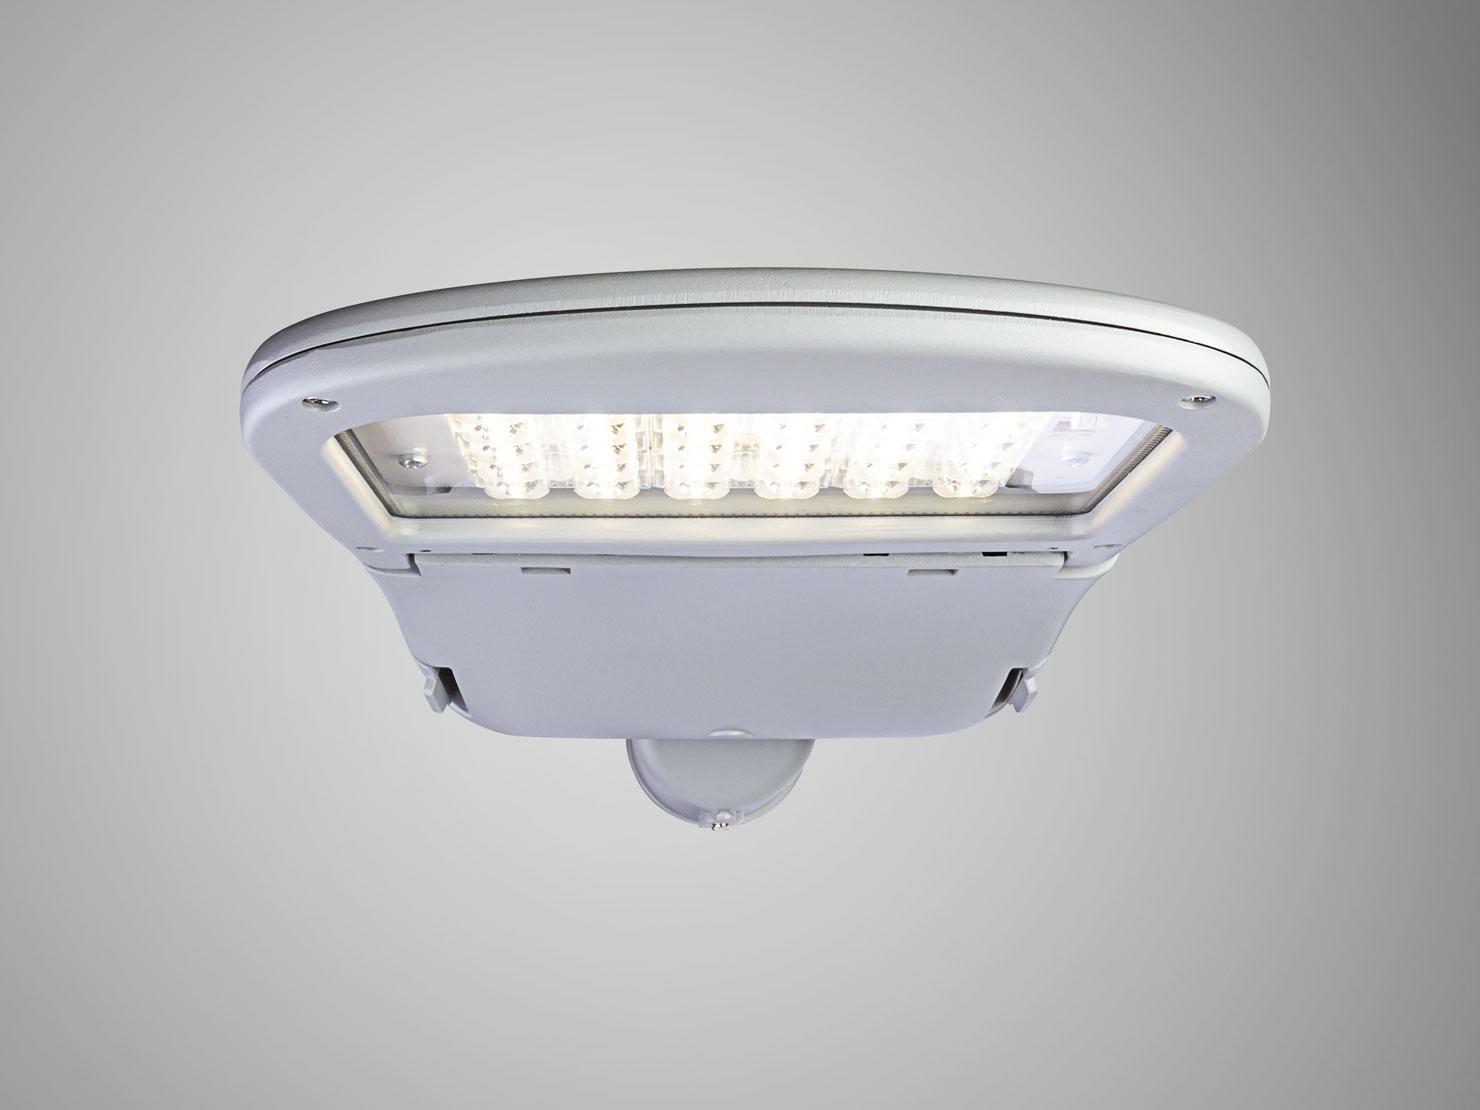 zewnętrzne lampy uliczne LED